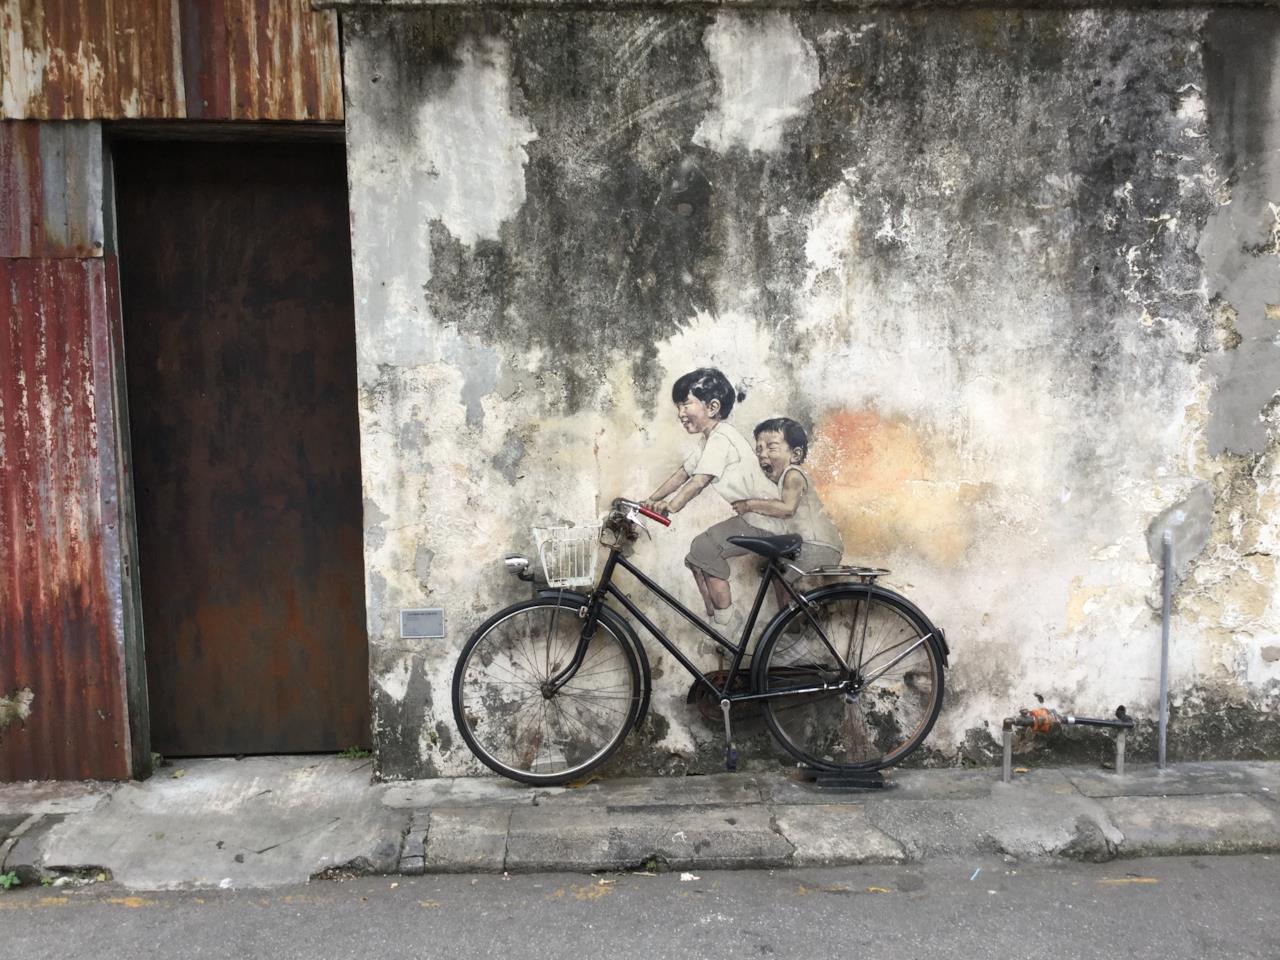 Street art con bambini in bicicletta